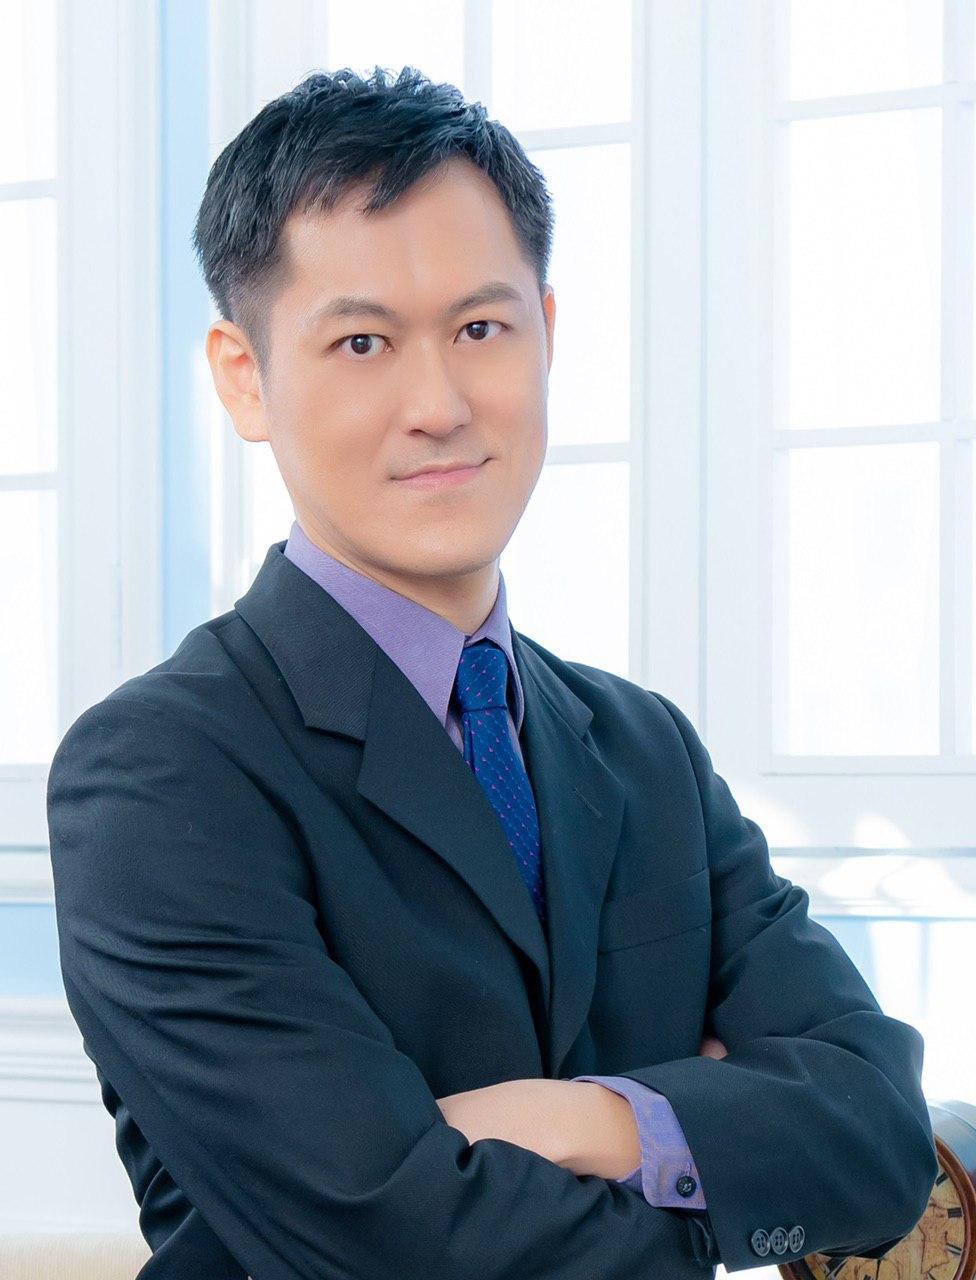 Speaker Dr. Jyh-Cheng Chen's avatar